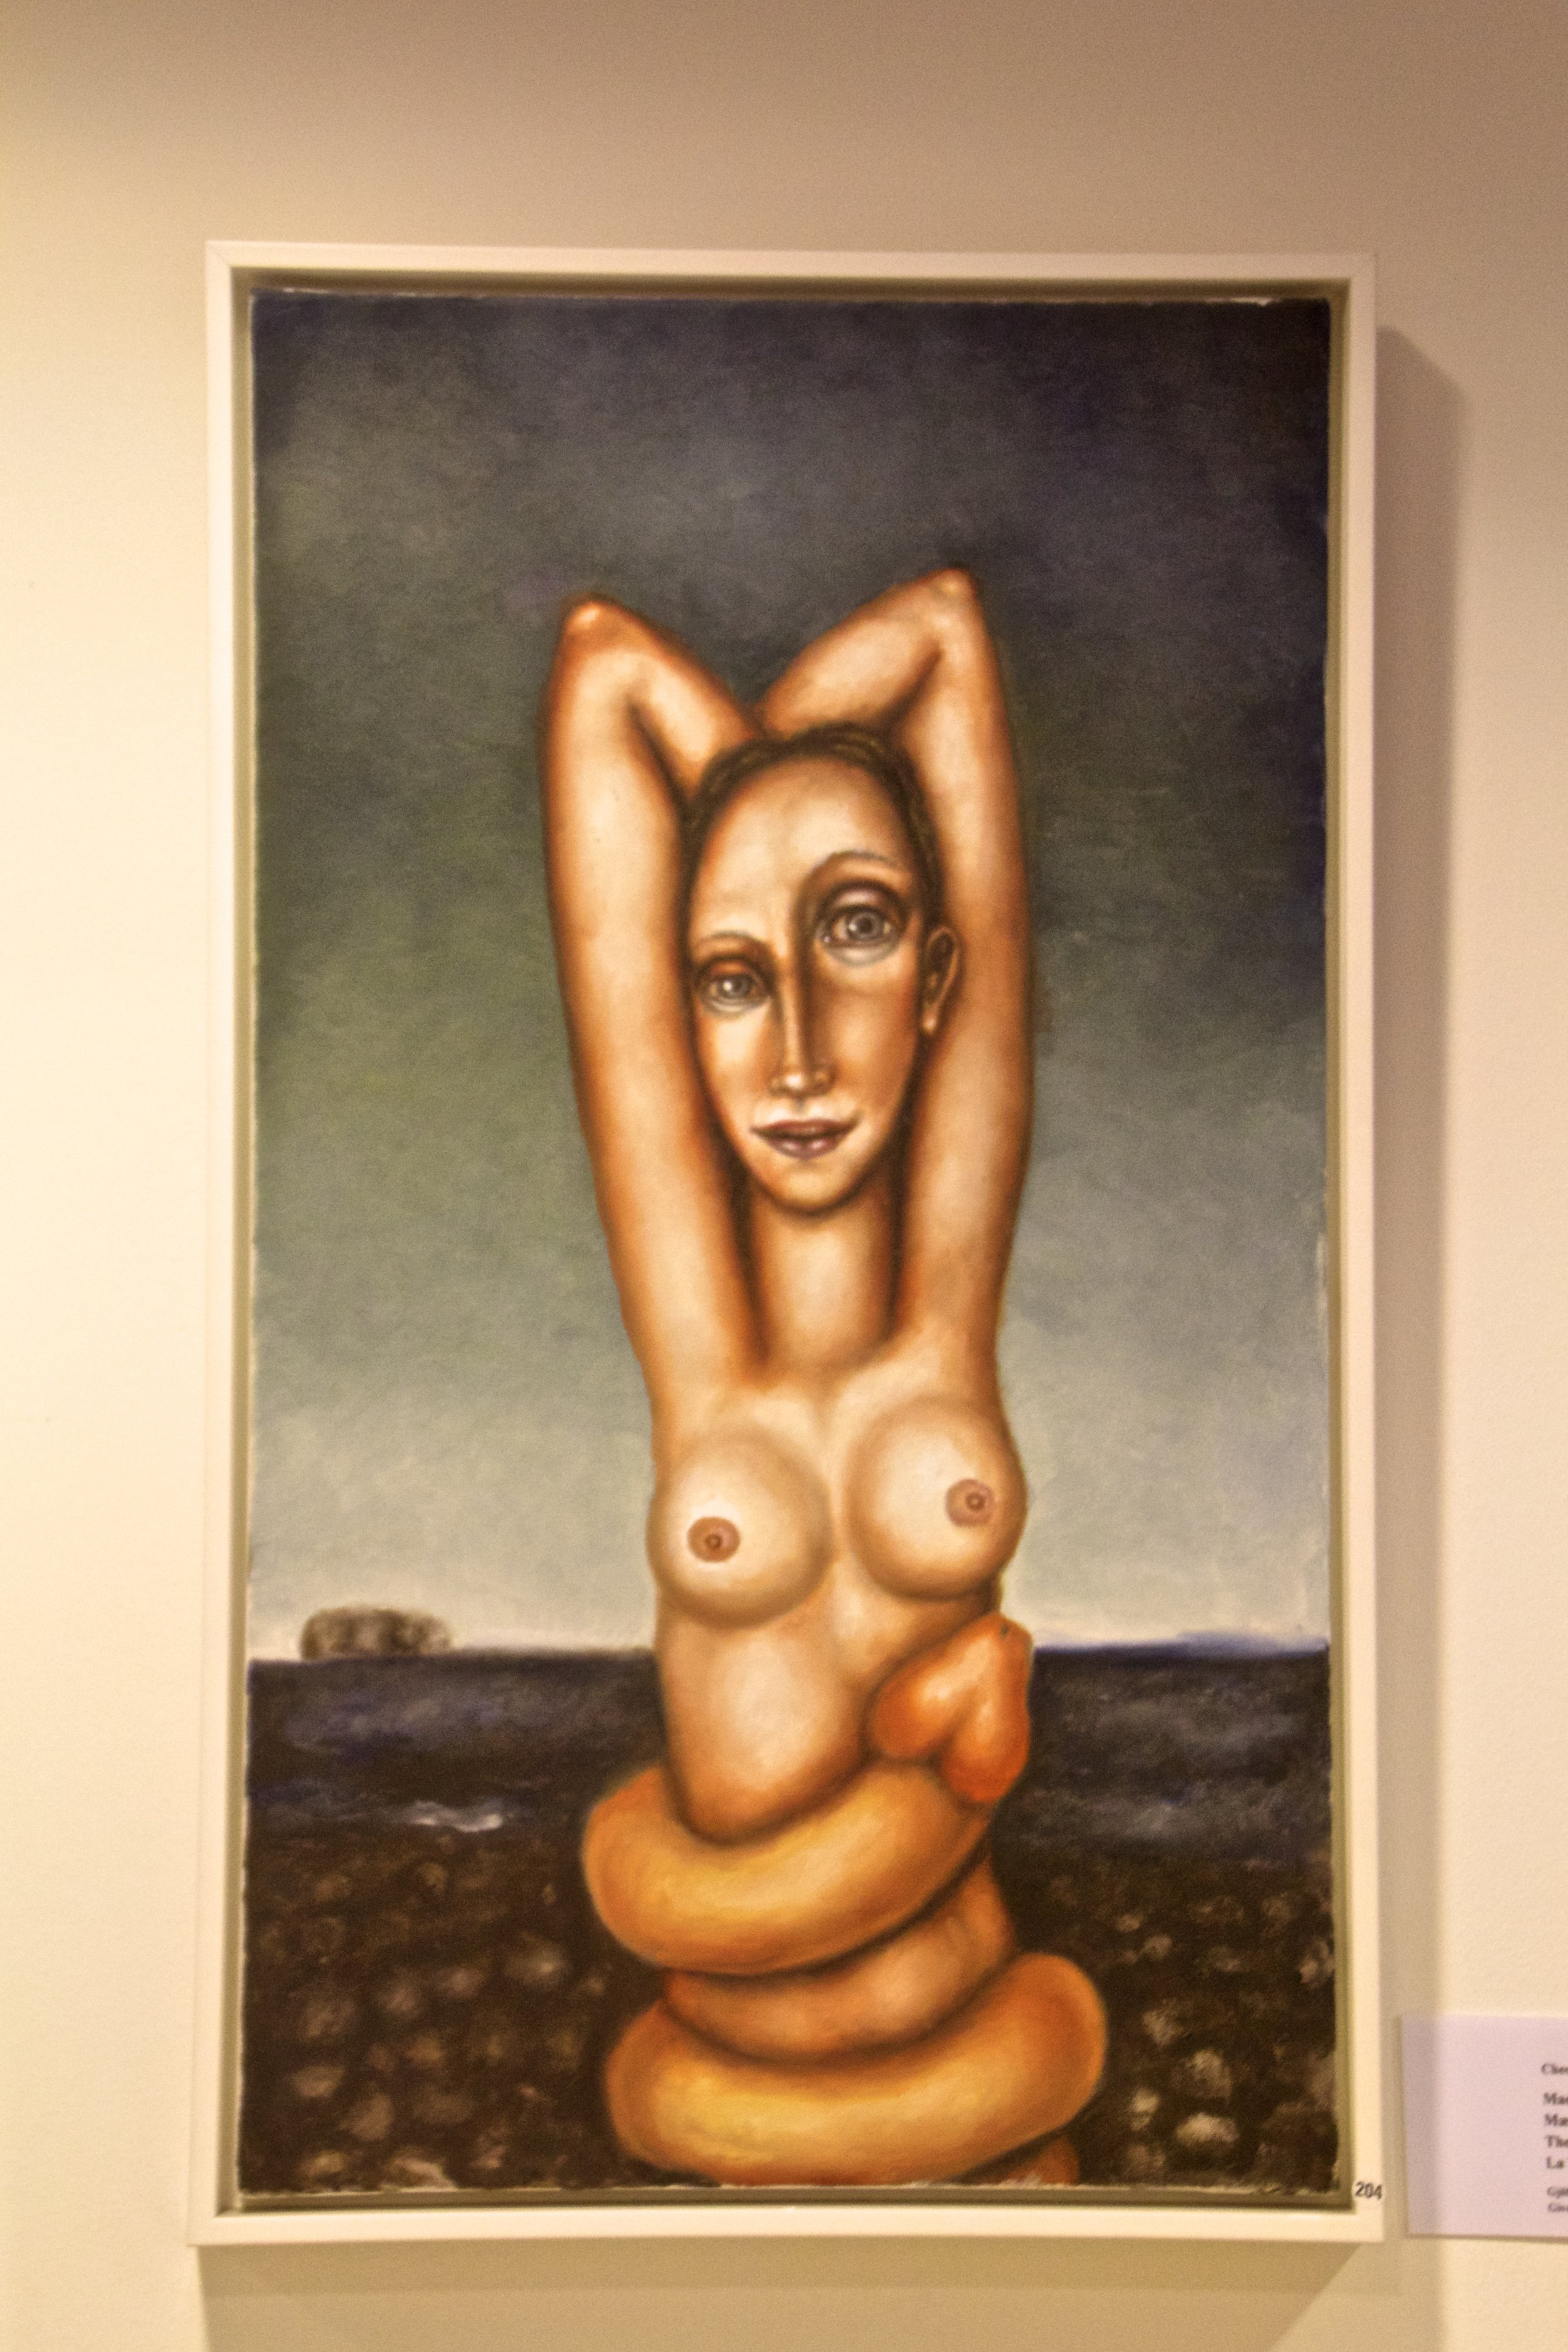 reykjavik penis museum 3.jpg